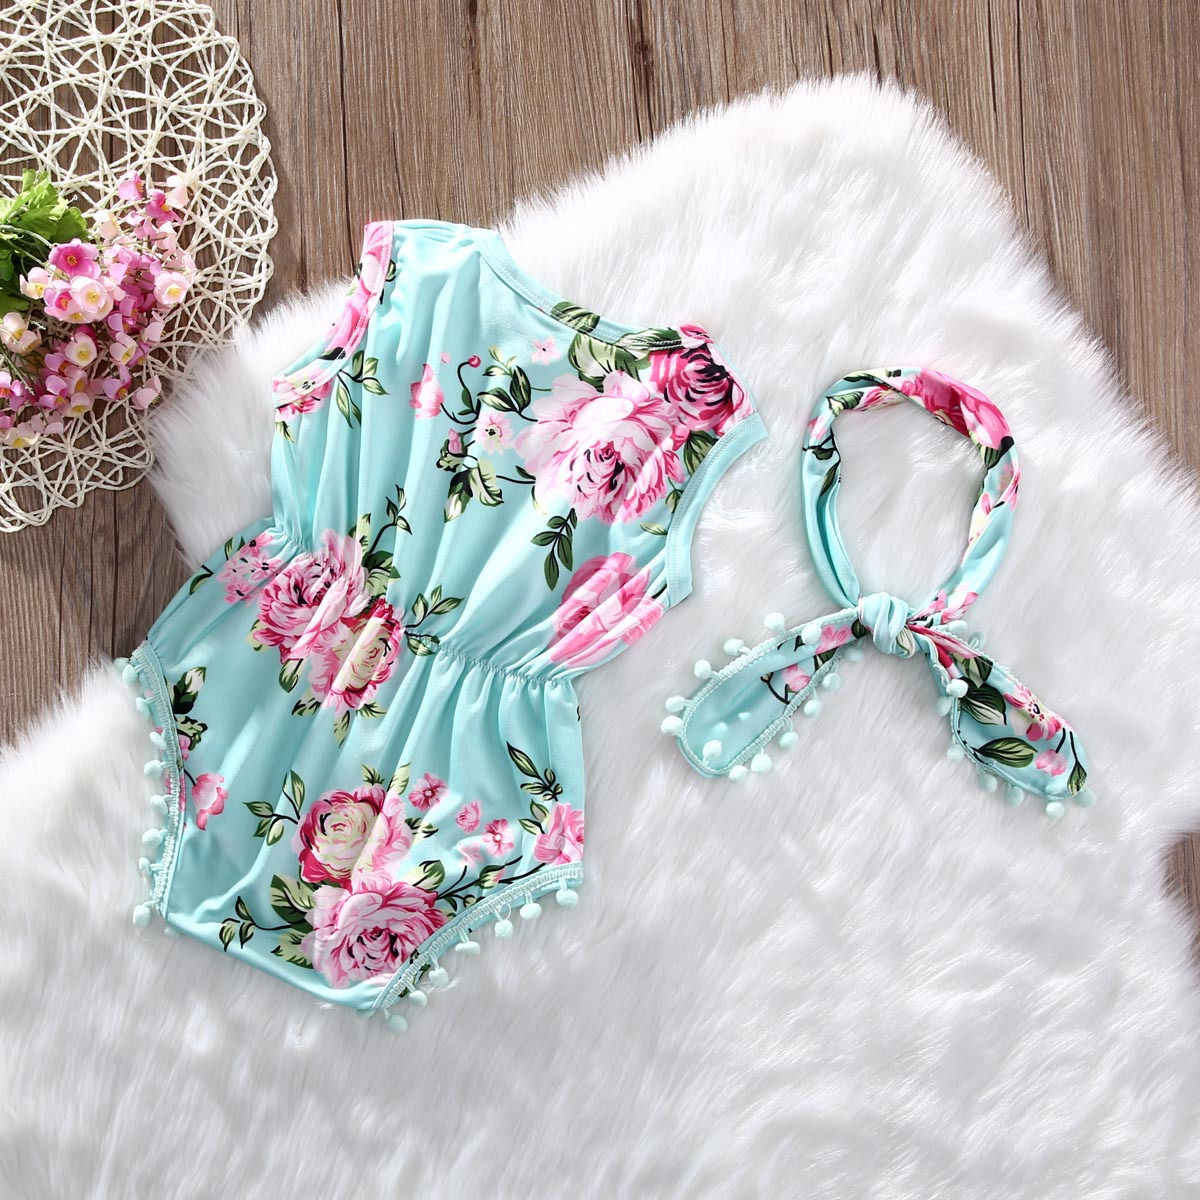 Одежда для новорожденных и маленьких девочек, Цветочный комбинезон без рукавов комбинезон купальник комплект одежды одежда на возраст от 0 до 24 месяцев